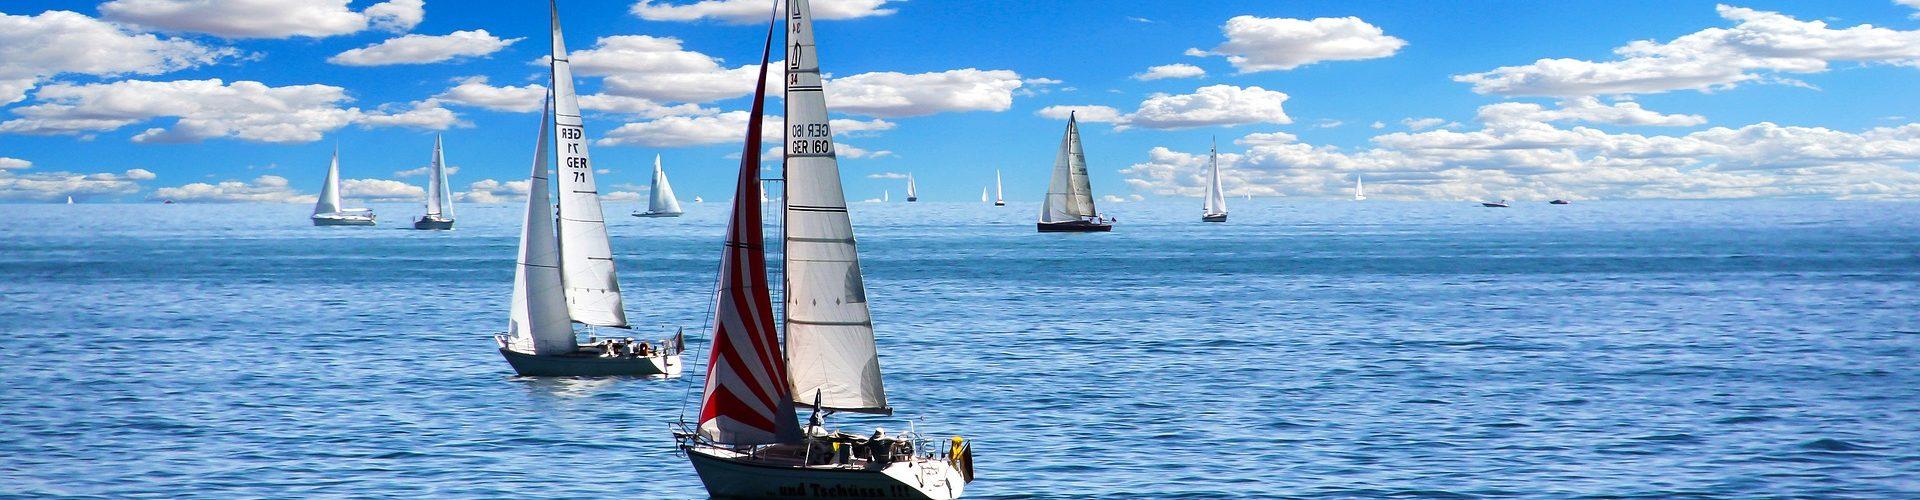 segeln lernen in Seeheilbad Graal Müritz segelschein machen in Seeheilbad Graal Müritz 1920x500 - Segeln lernen in Seeheilbad Graal-Müritz